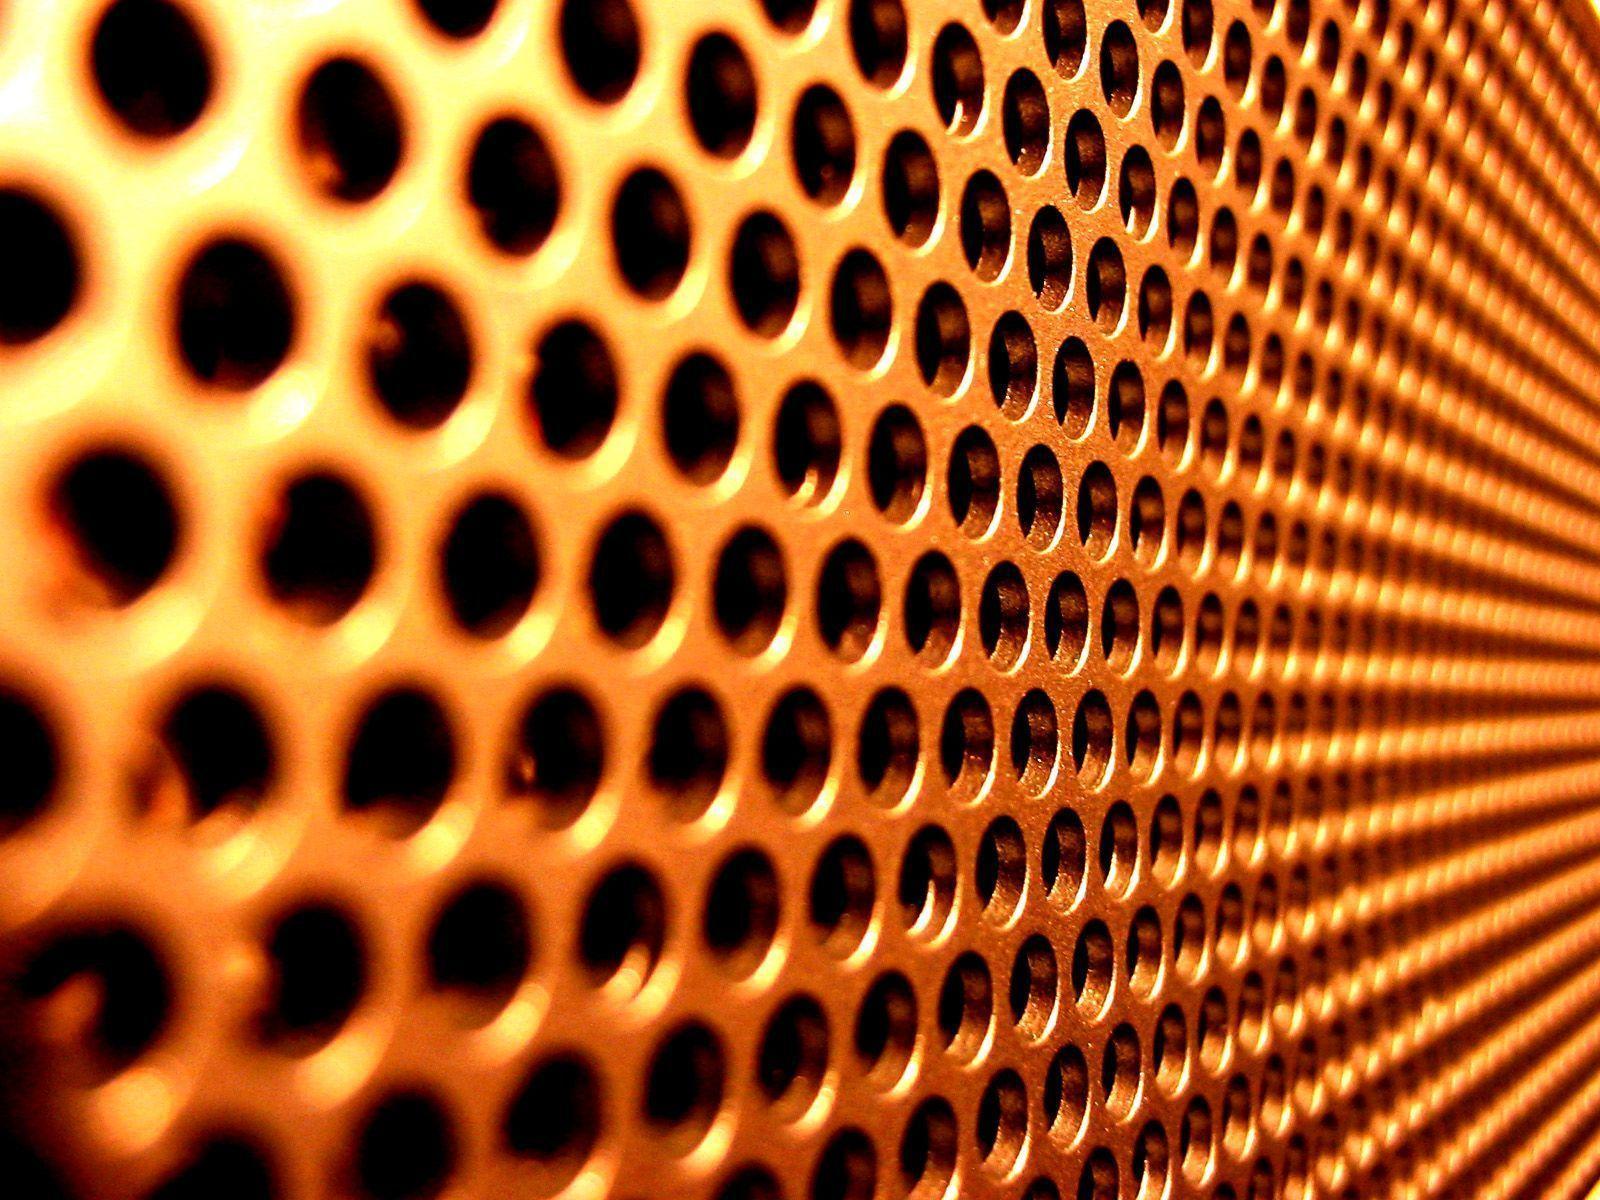 desktop metal wallpapers - photo #12